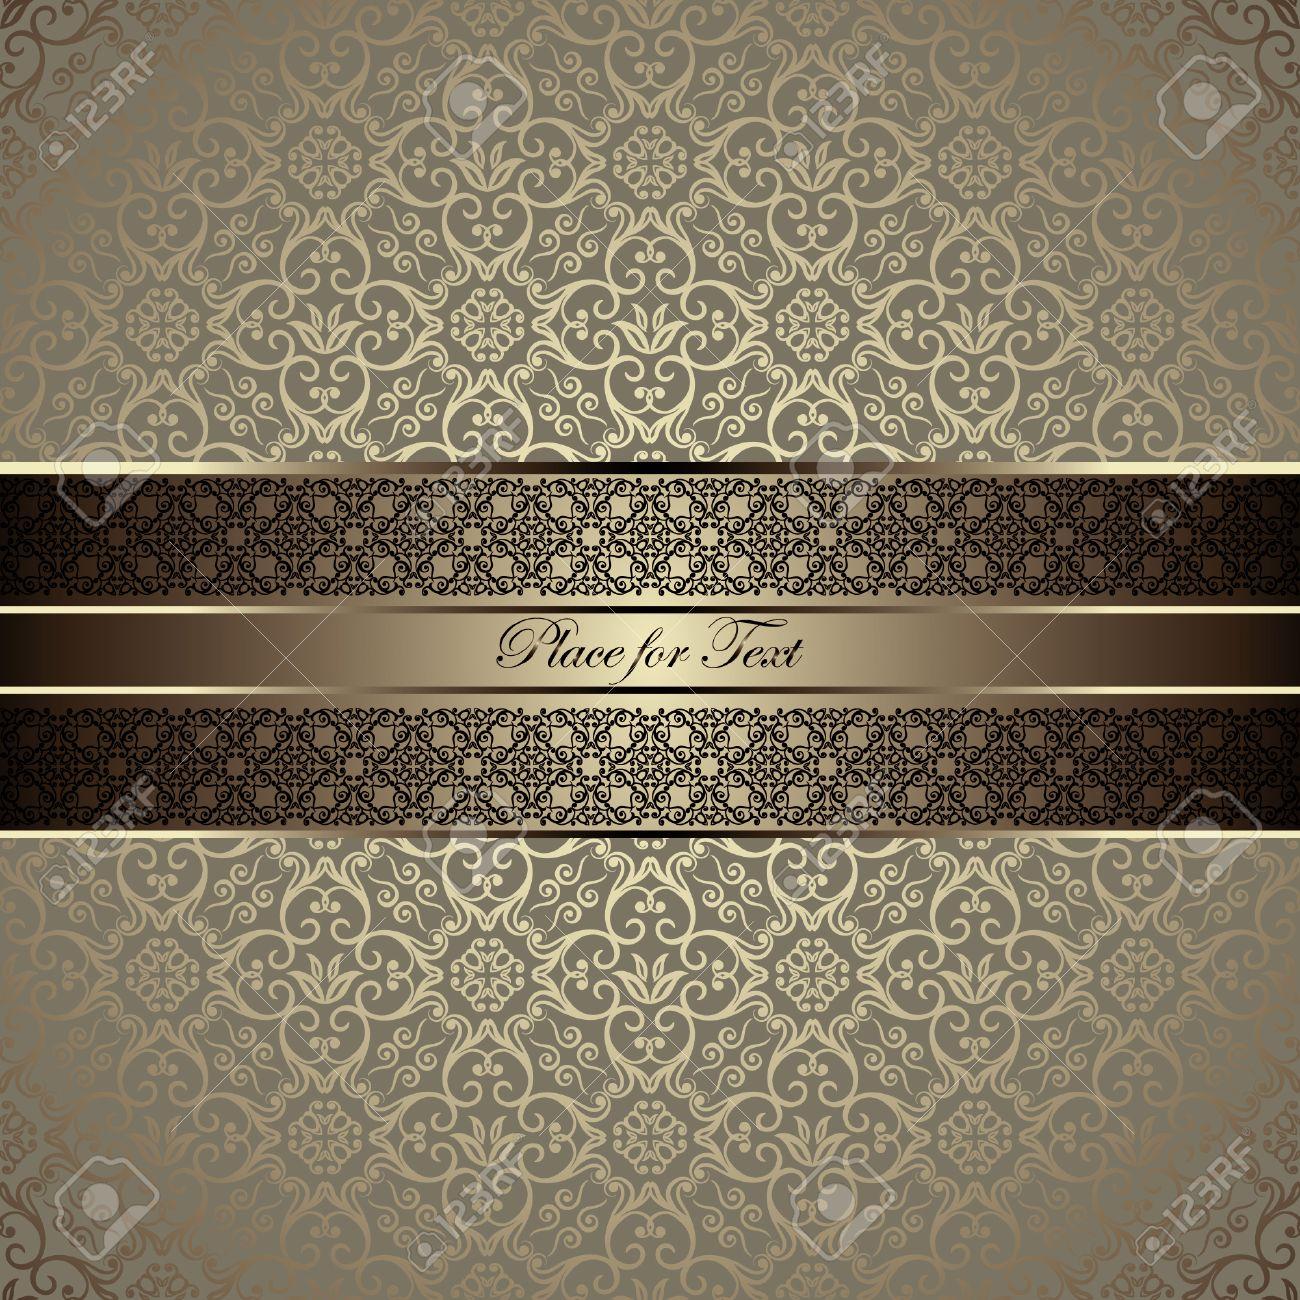 Con la giusta carta da parati, le vostre mura diventeranno accoglienti, accattivanti e di stile. Vettoriale Scheda Dell Annata Con Un Bordo Su Carta Da Parati Damascata Senza Soluzione Di Continuita Image 30995381